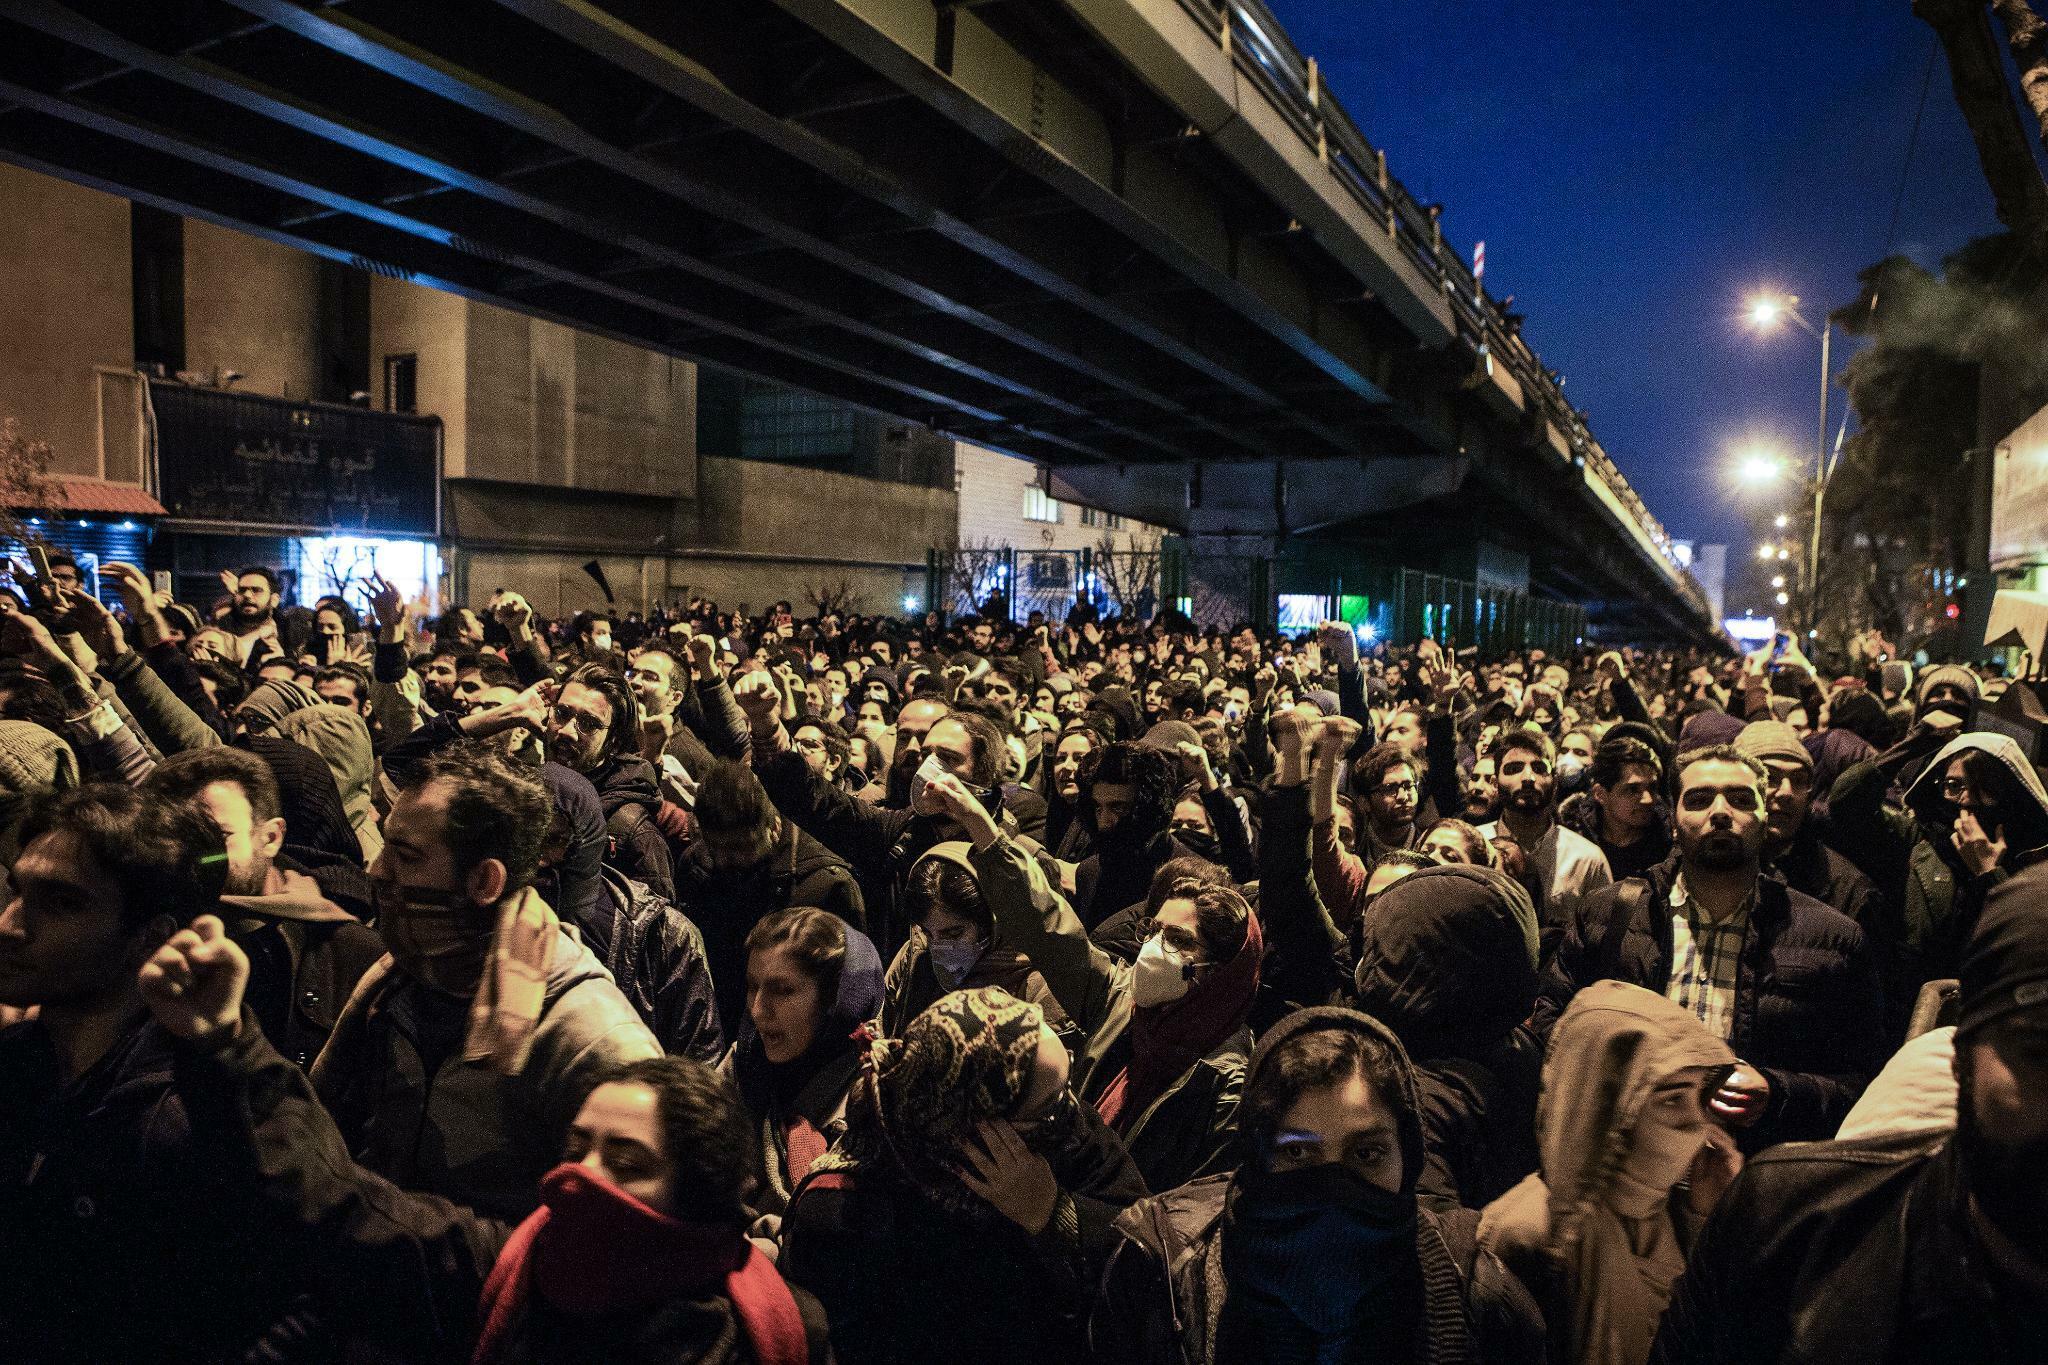 Die Proteste sind für die iranische Regierung brandgefährlich